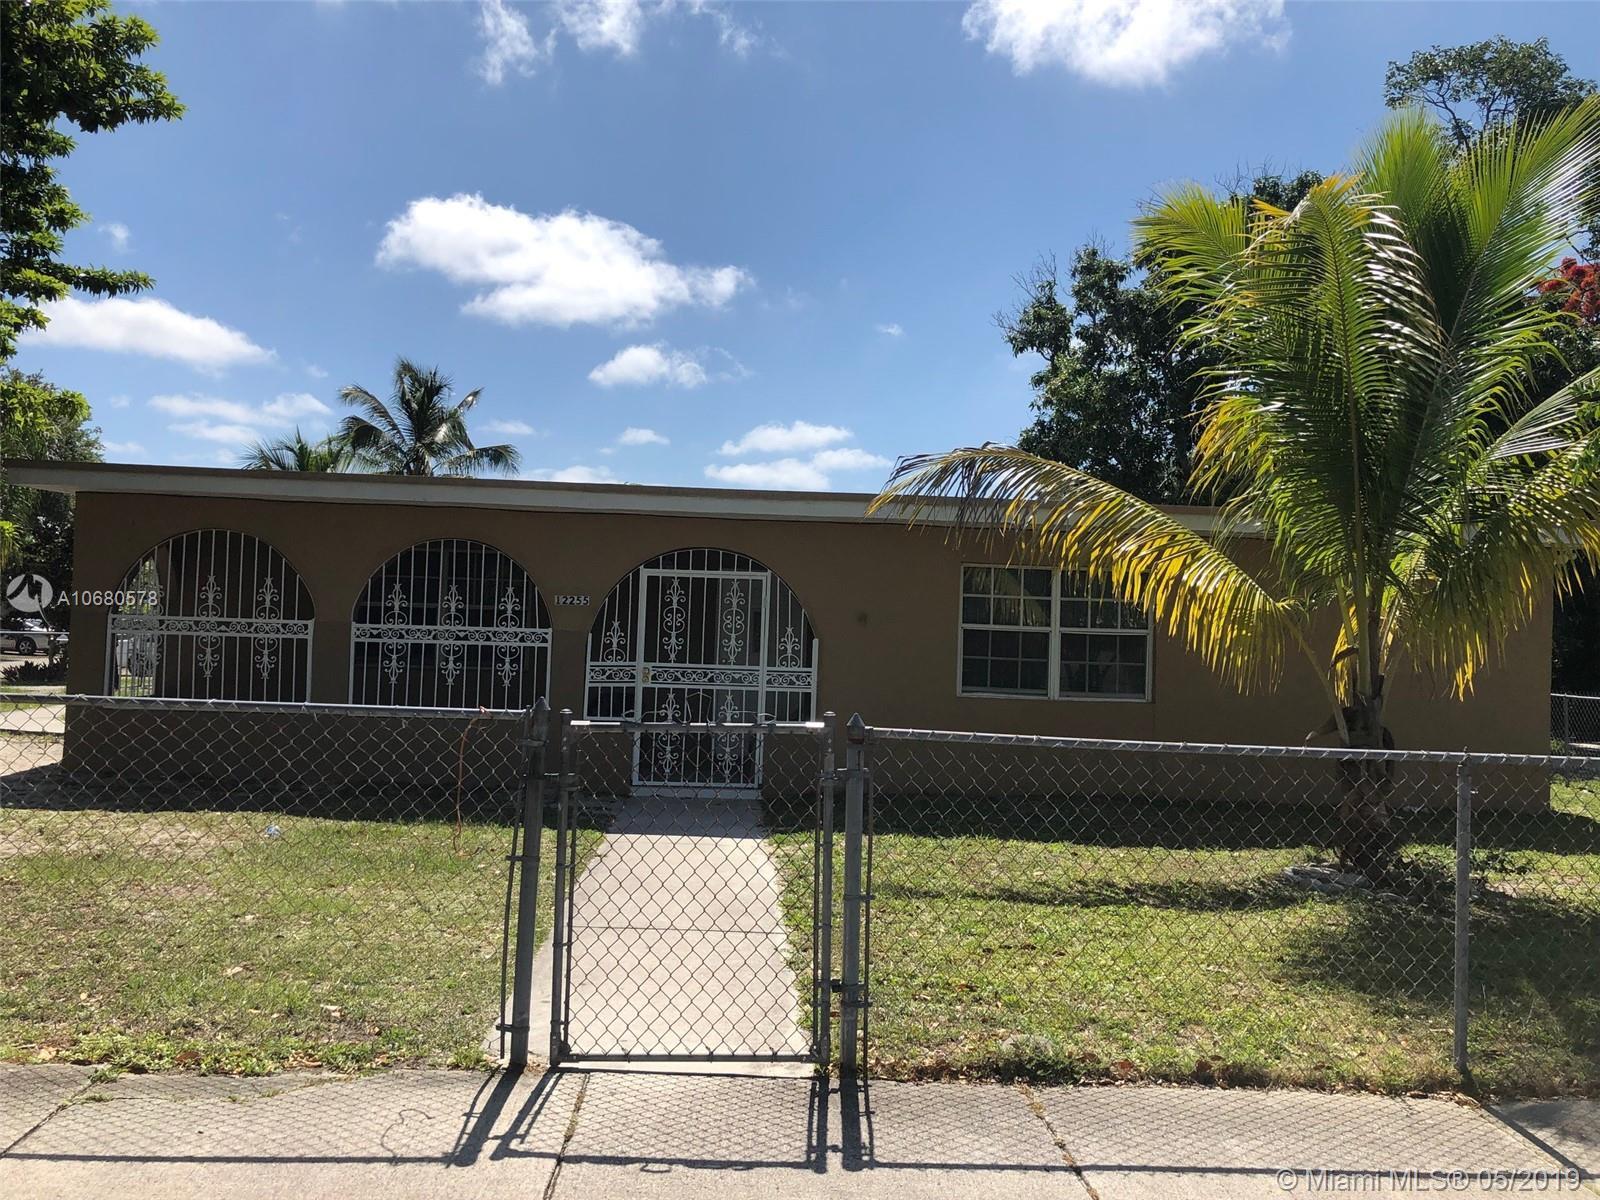 12255 NW 15th Ave, Miami Shores, Florida